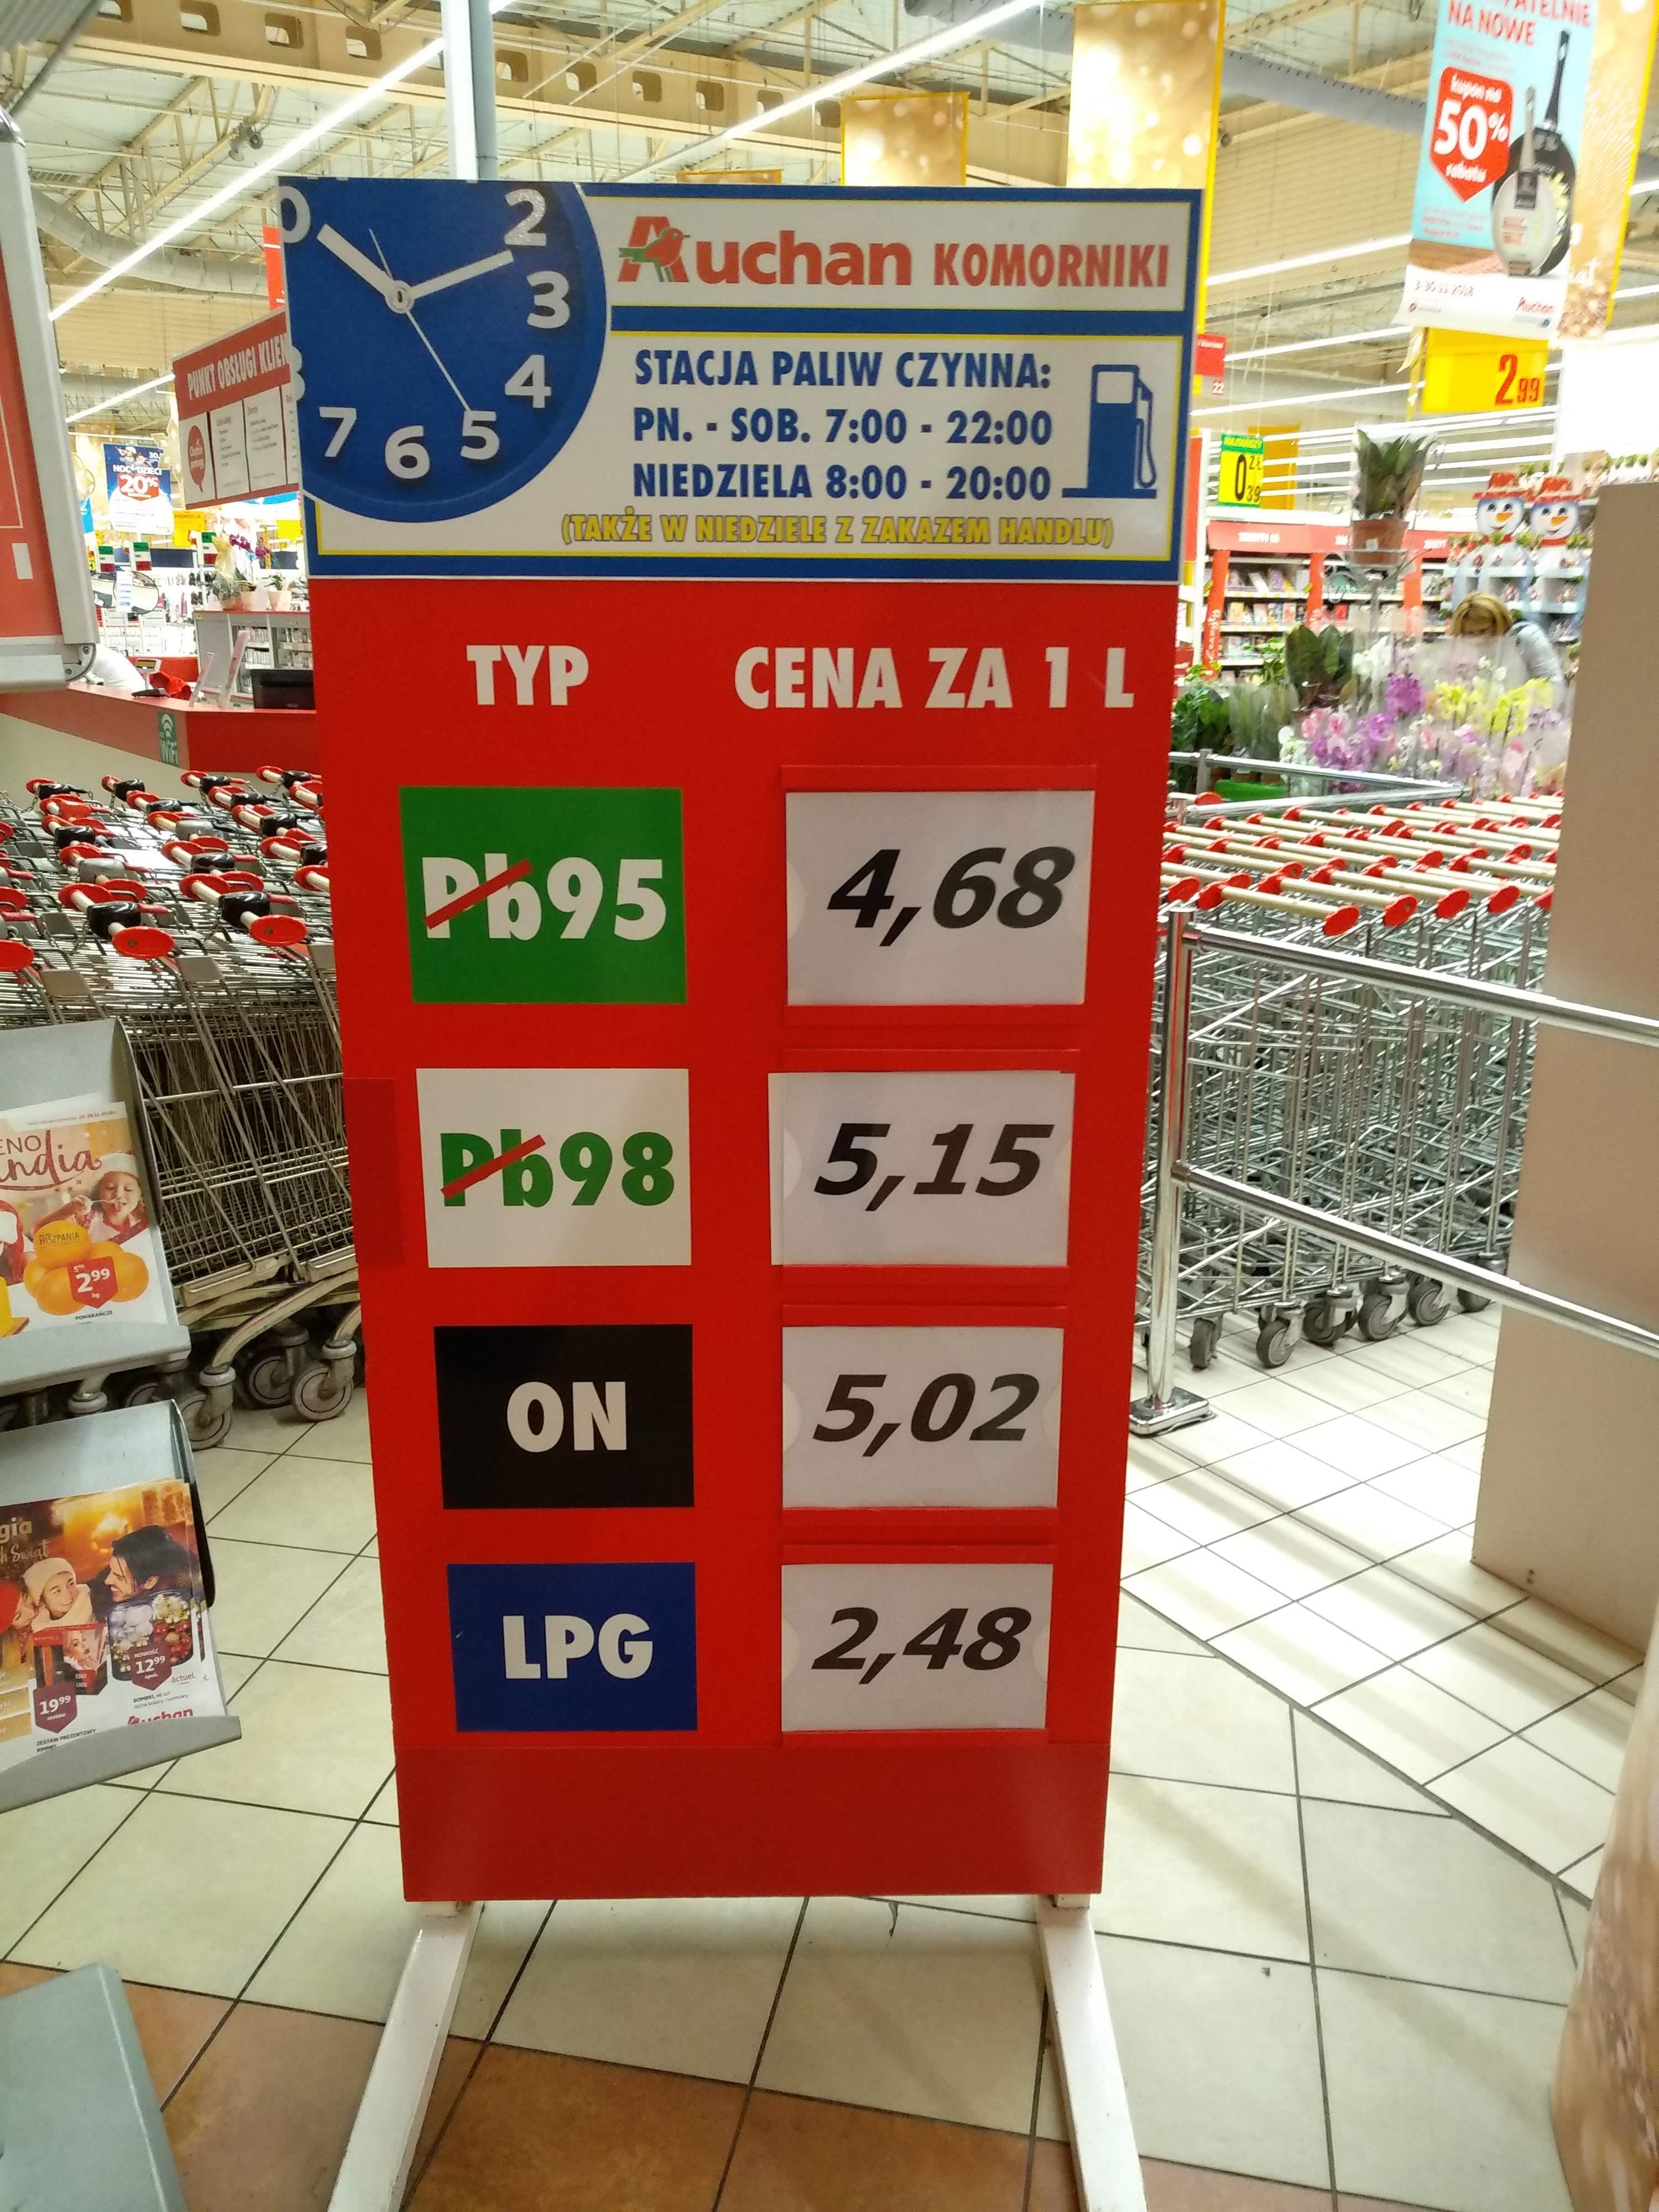 Auchan Stacja Paliw PB95 Super cena (Poznań - Komorniki)